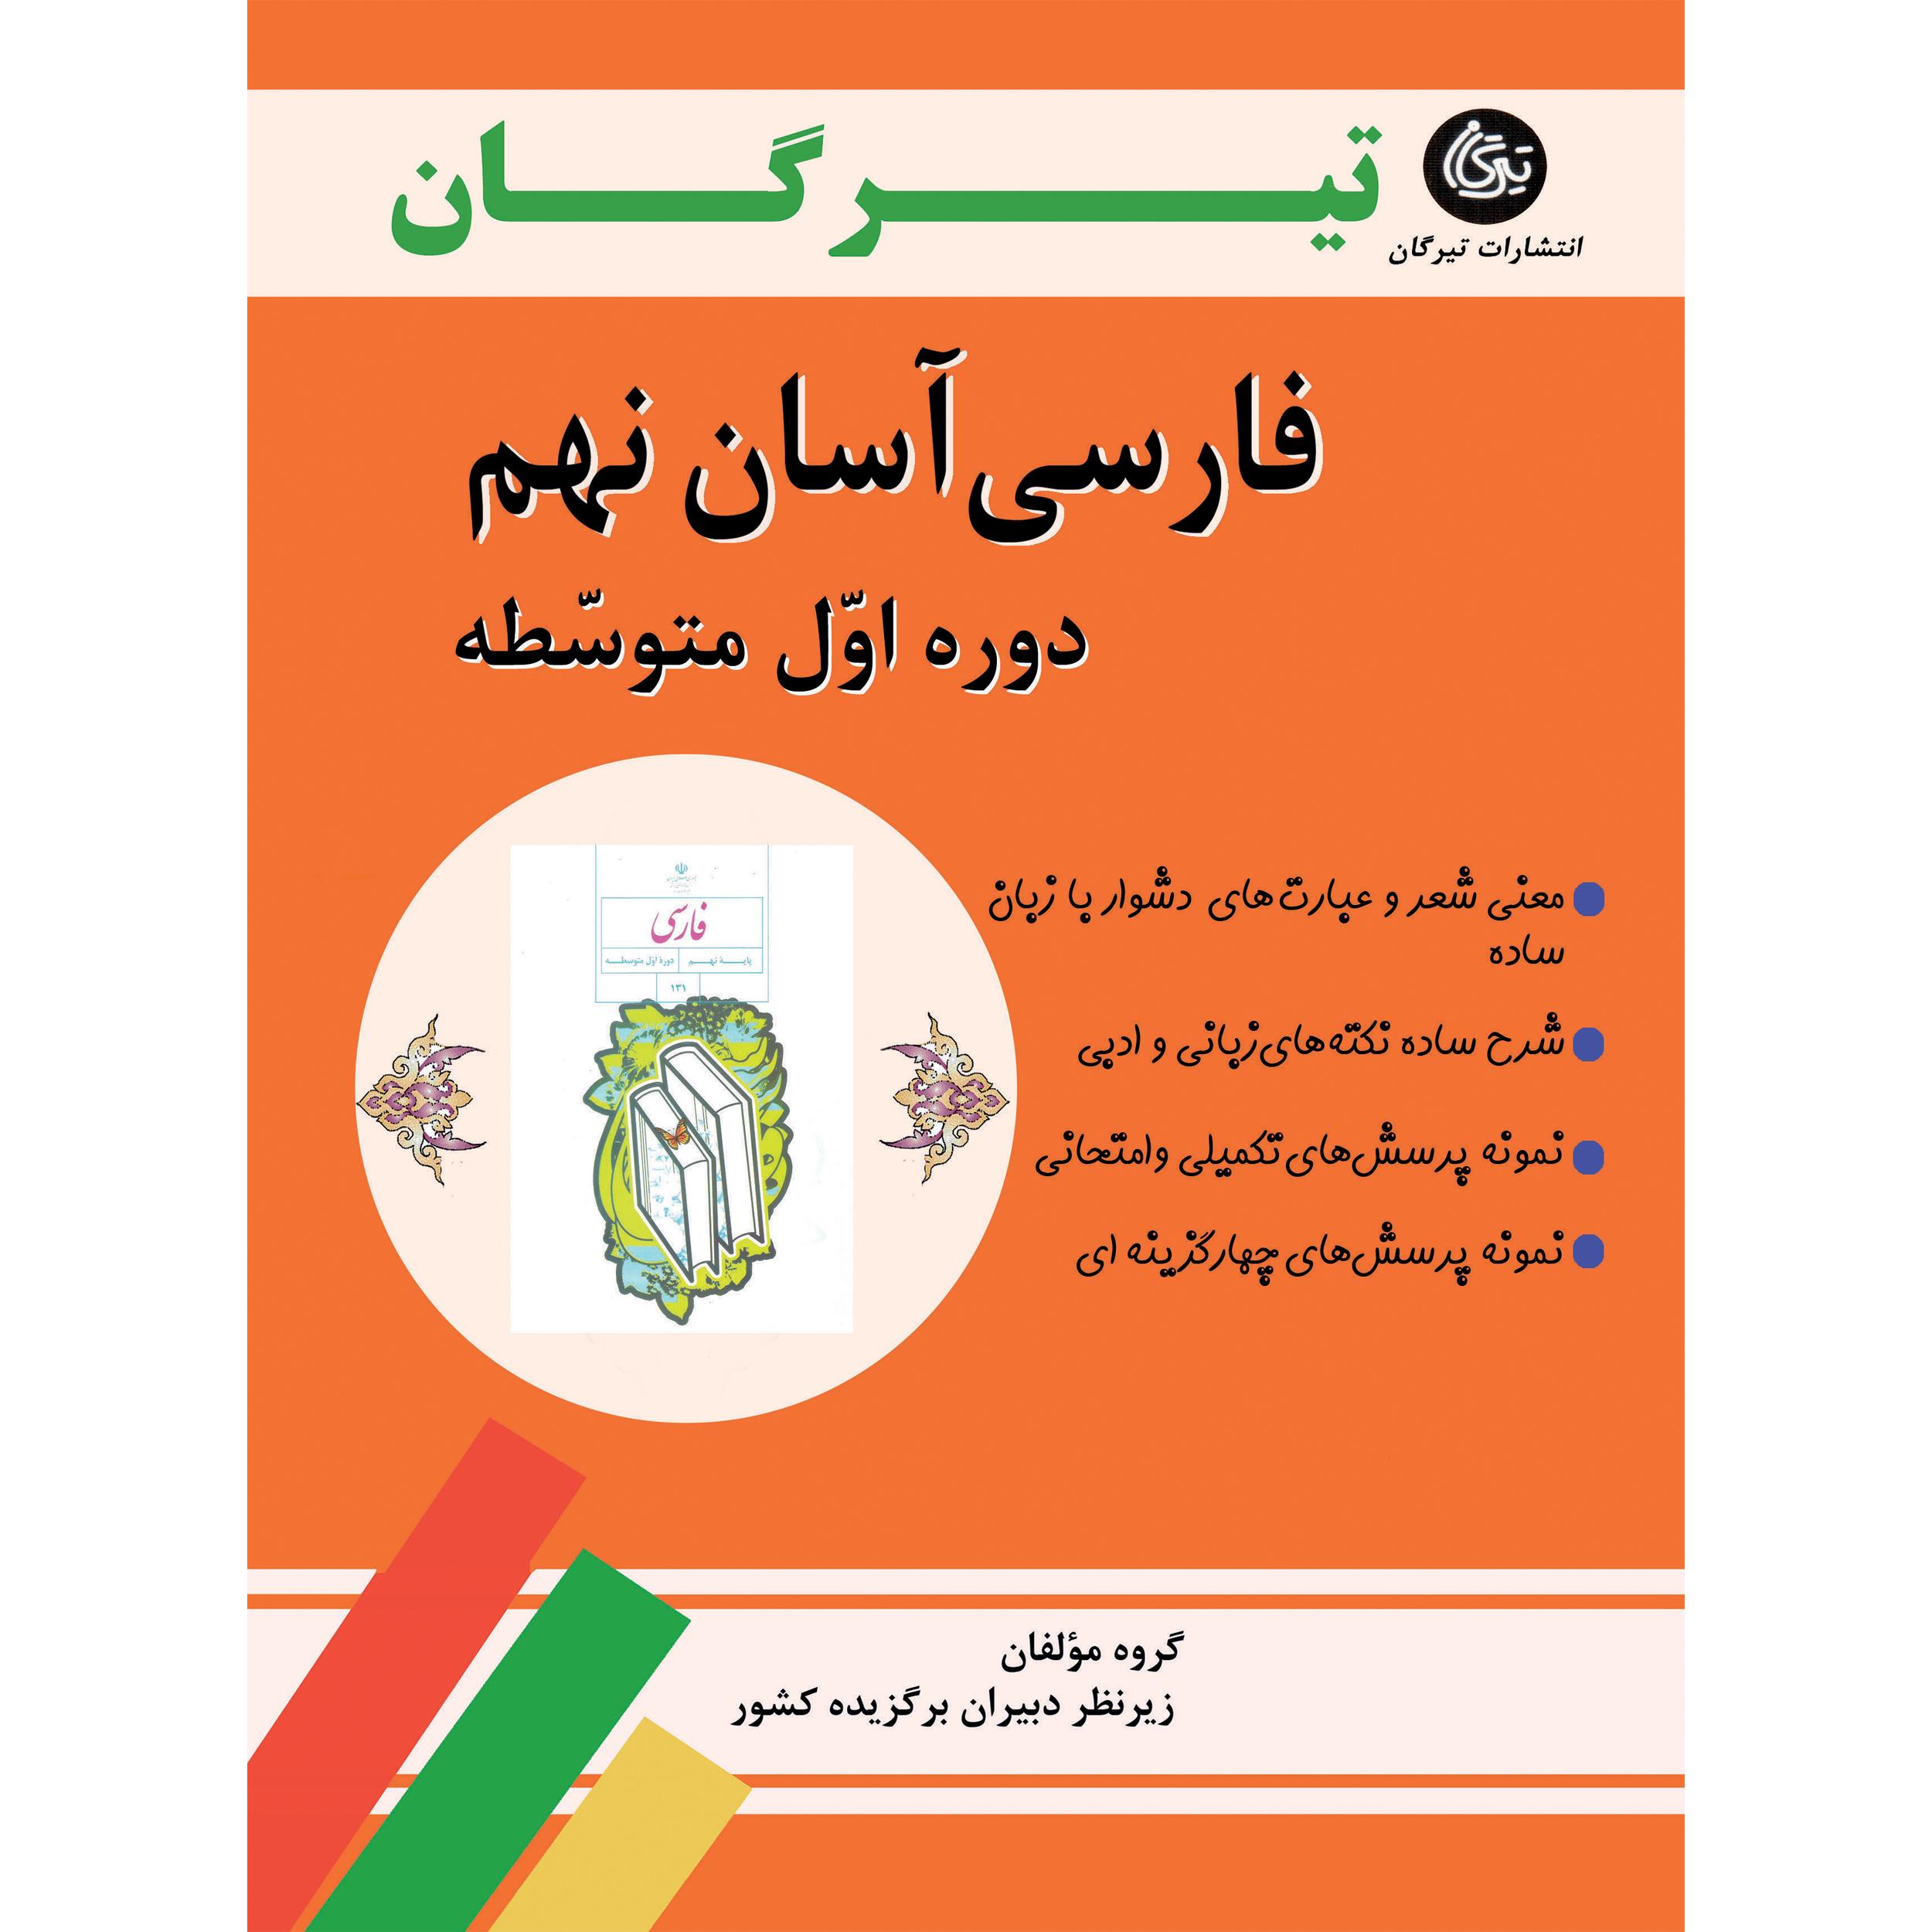 خرید                      کتاب فارسی آسان نهم اثر جمعی از نویسندگان نشر تیرگان